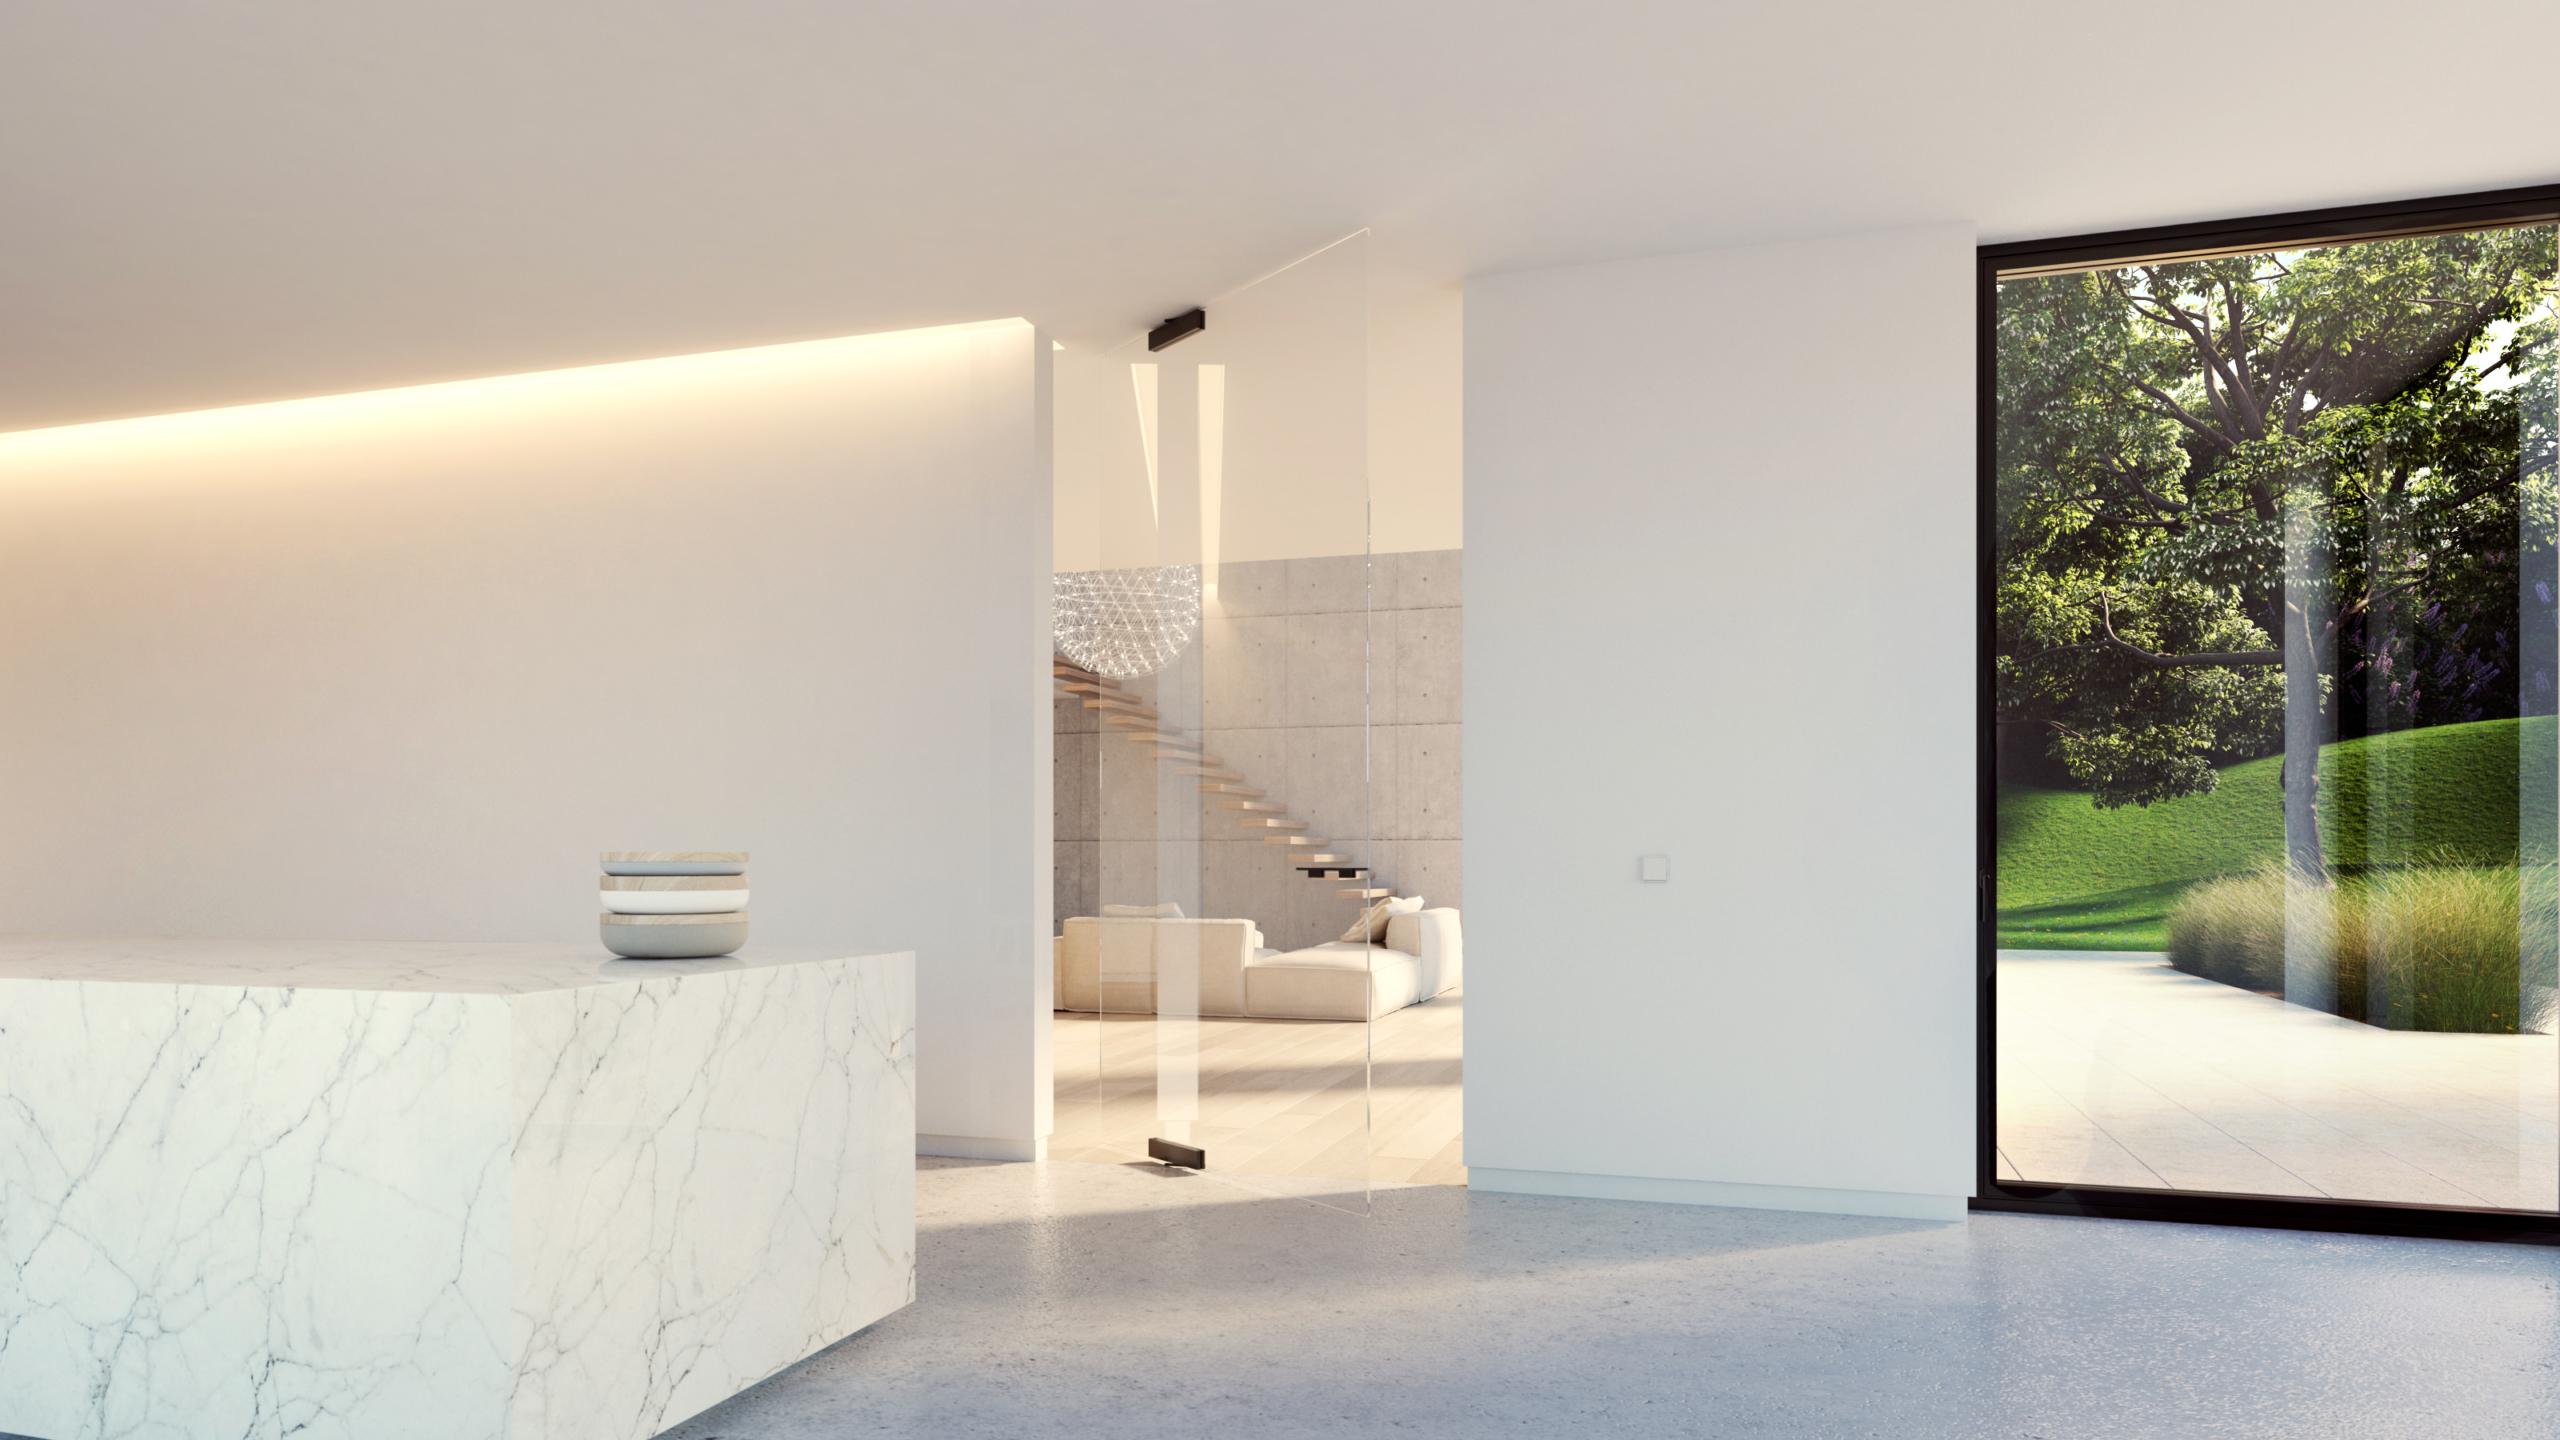 skleněné pivotové dveře